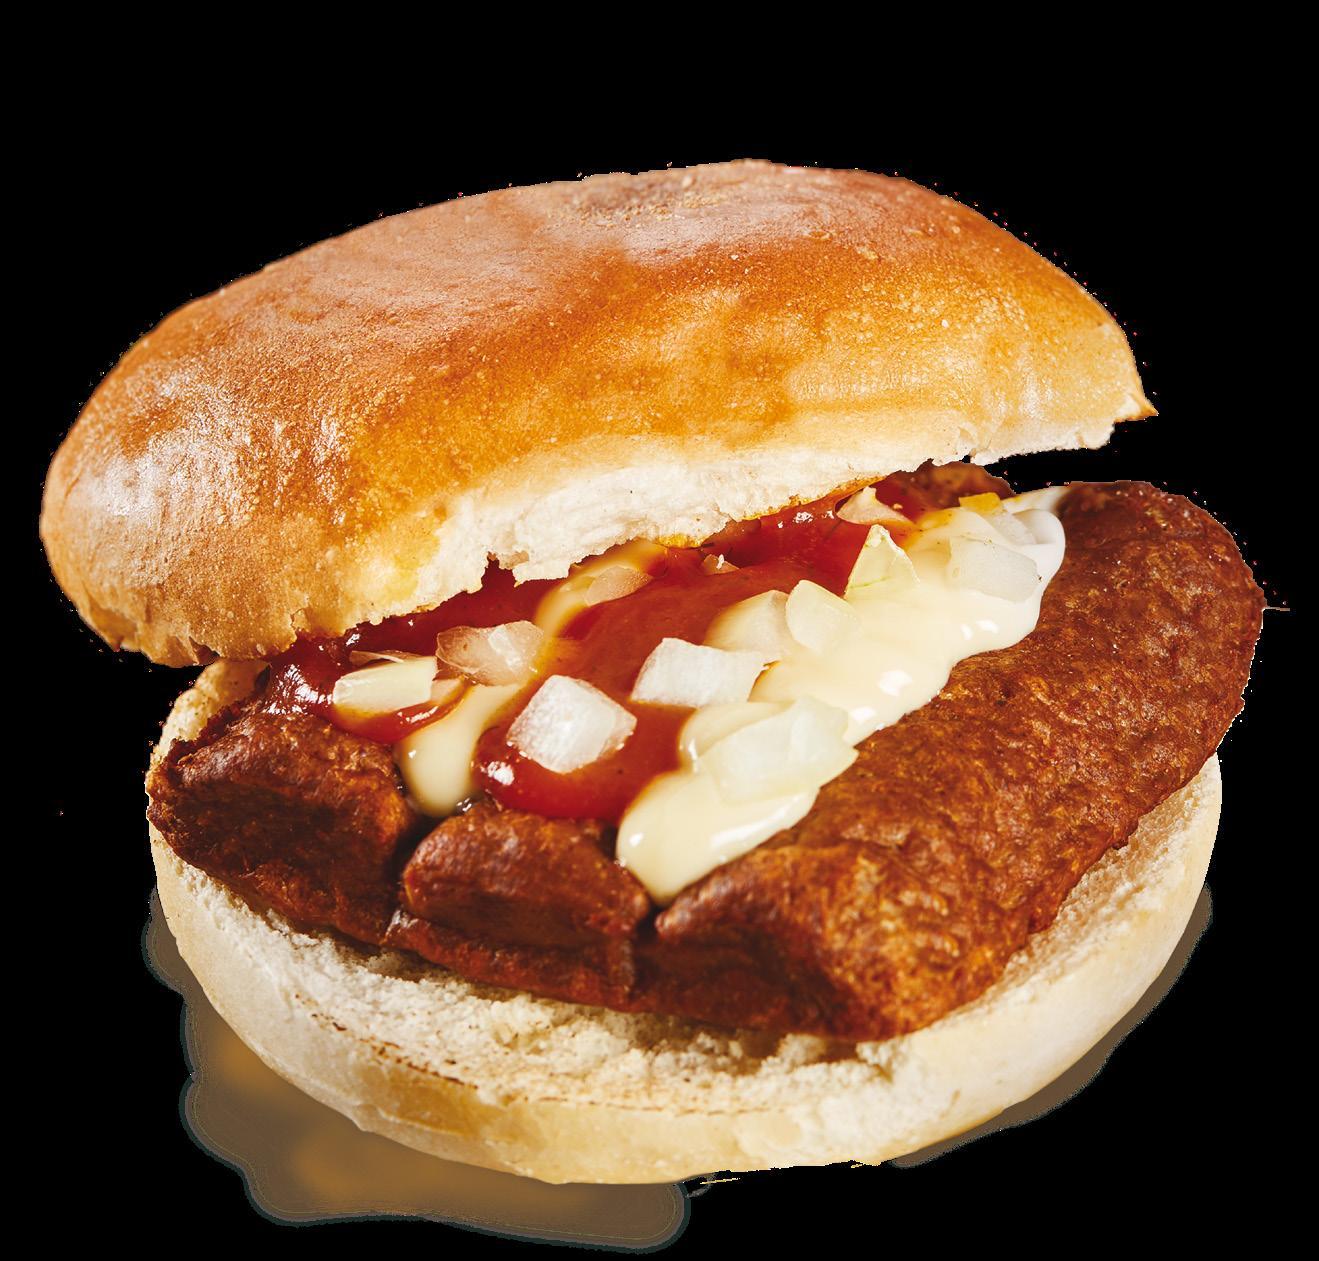 Page 30 of Pure Ingredients: Frikandelburger maakt de keuze voor de